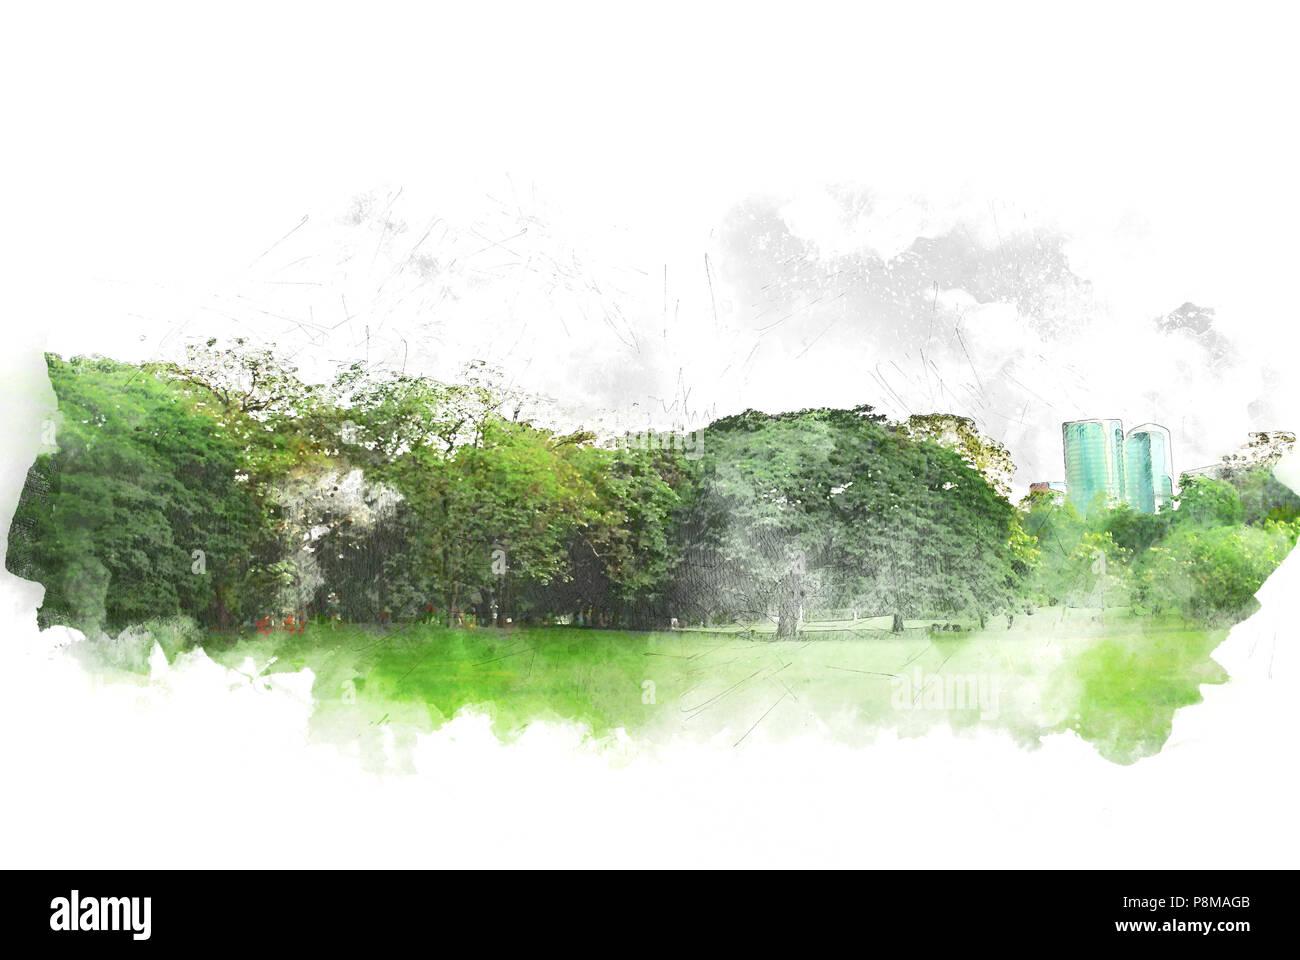 Árbol abstracto y campo paisaje en acuarela ilustración pintura de fondo. Imagen De Stock